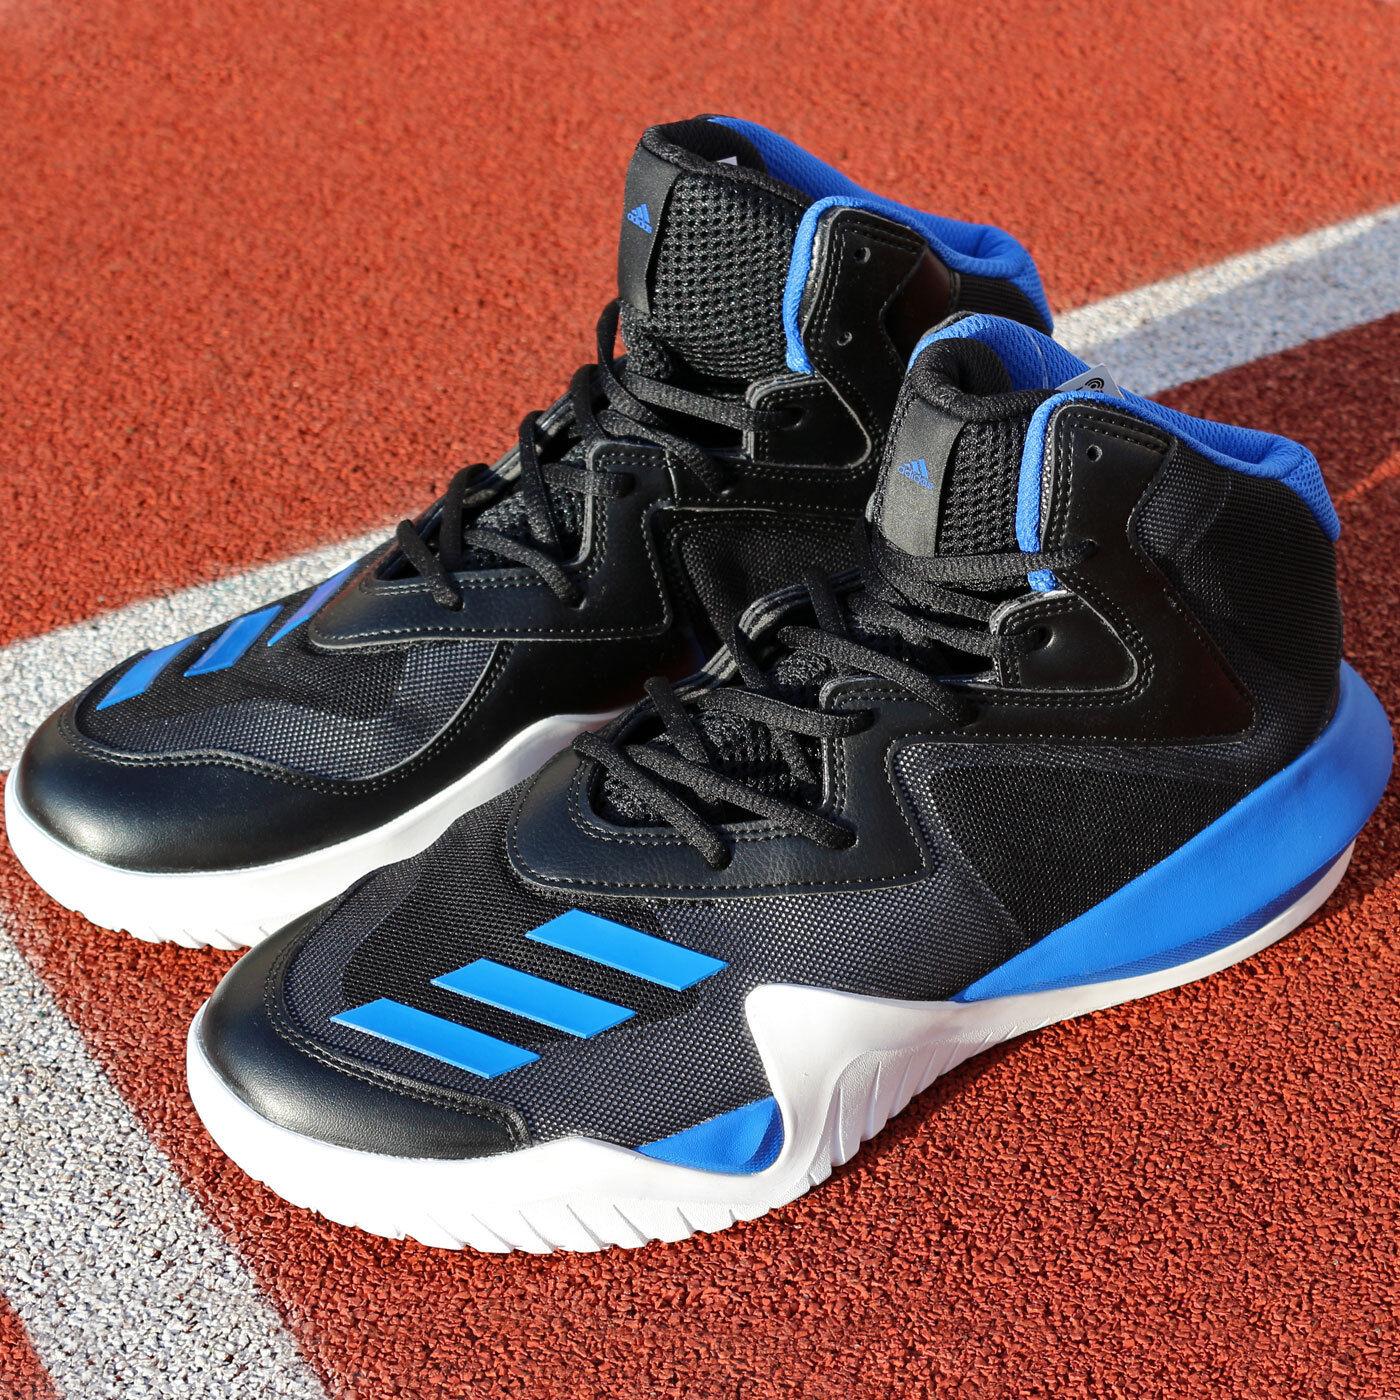 Adidas Crazy Team BB8253 Baloncesto Zapatos Hombre Negro Azul gris blancoo luz de rebote